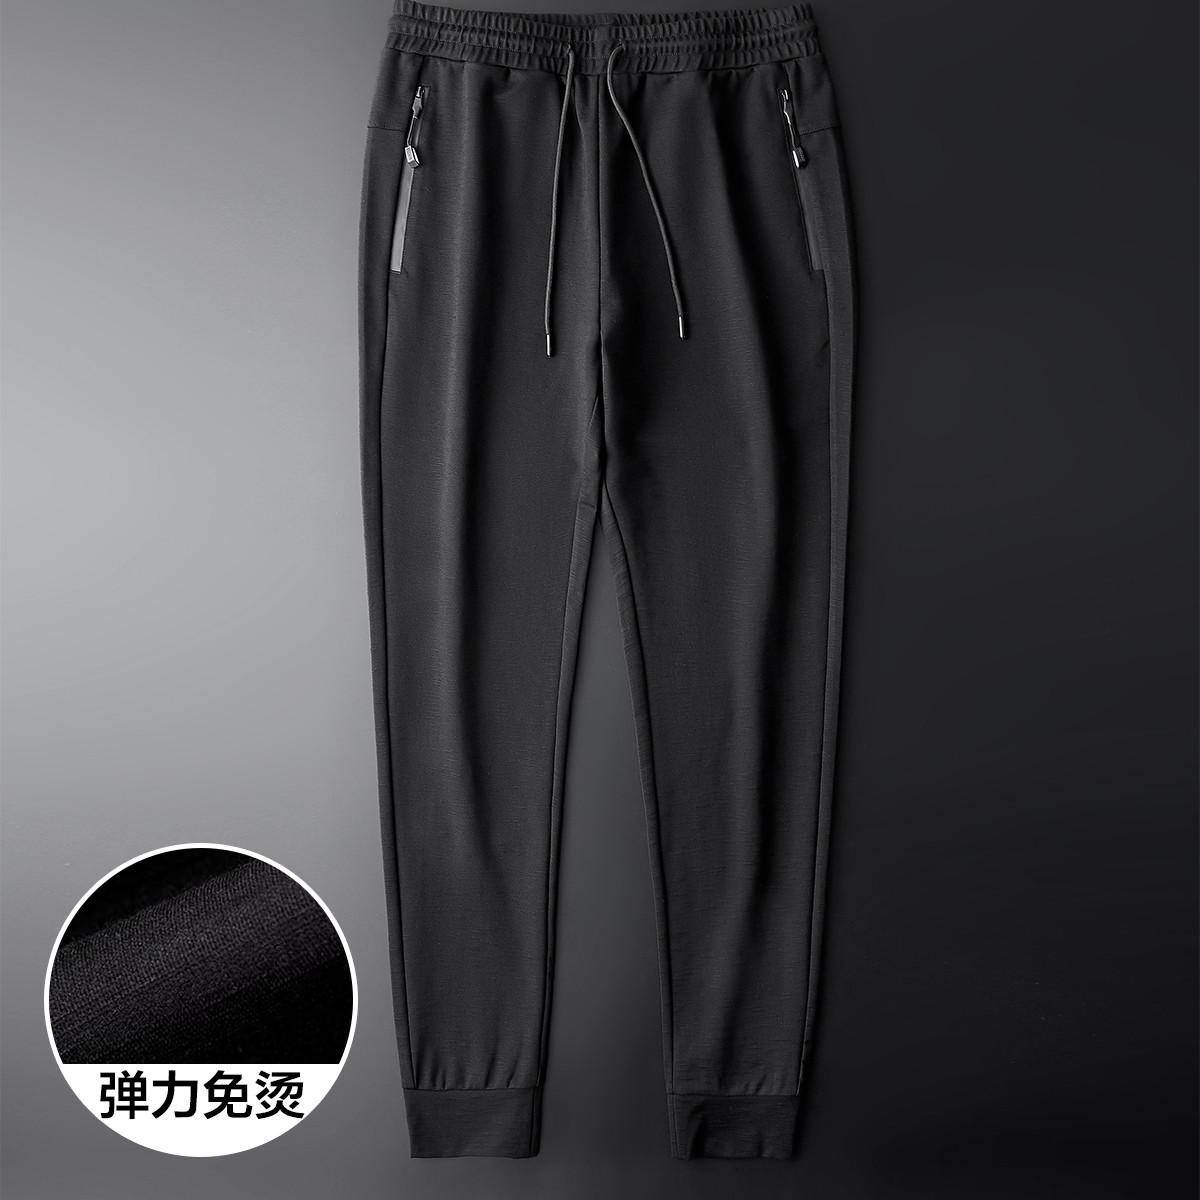 法派新款男士时尚都市休闲裤舒适抗皱休闲裤男式休闲裤X2A0393C01